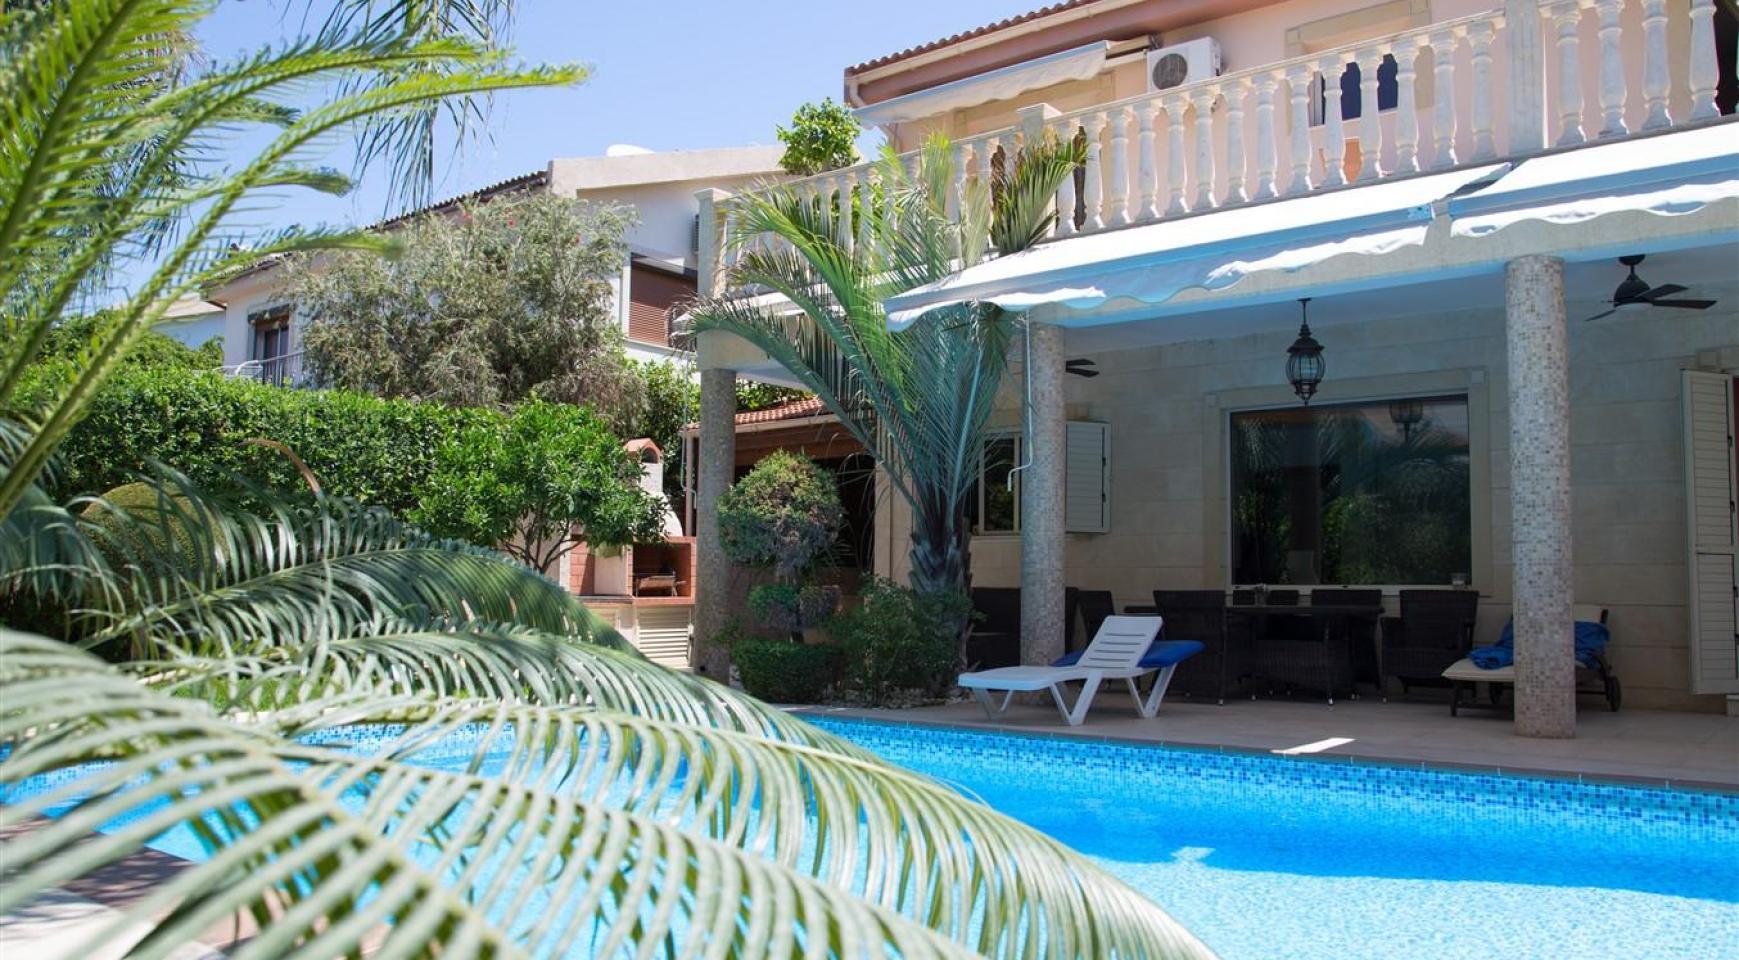 Luxurious 4 Bedroom Villa near the Sea - 42